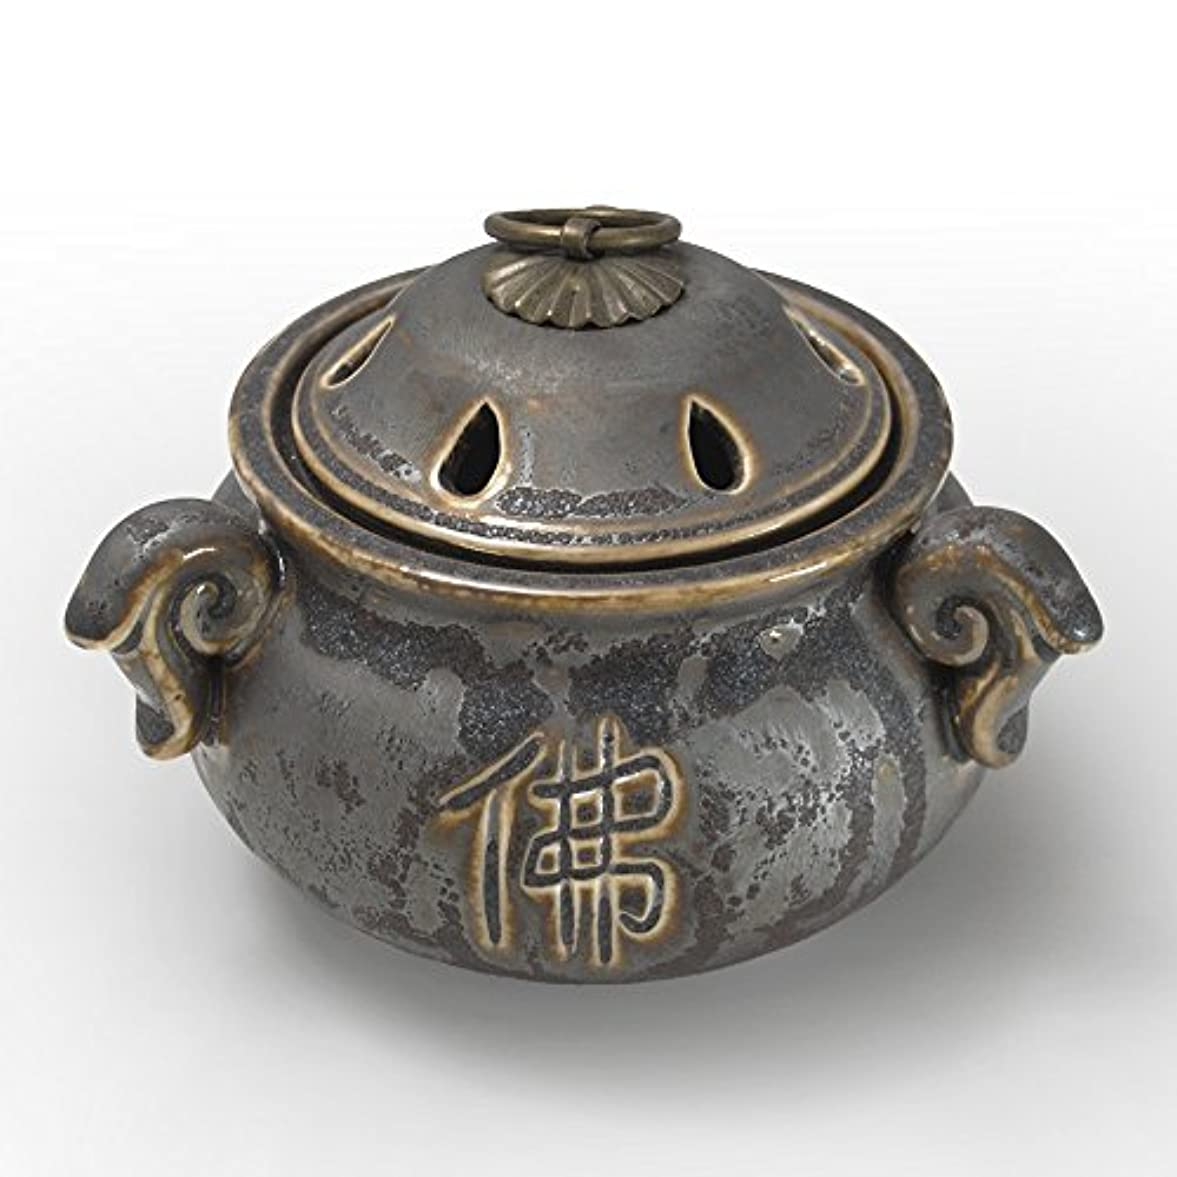 試すセイはさておき申し込む陶器香炉 アンティークデザイン